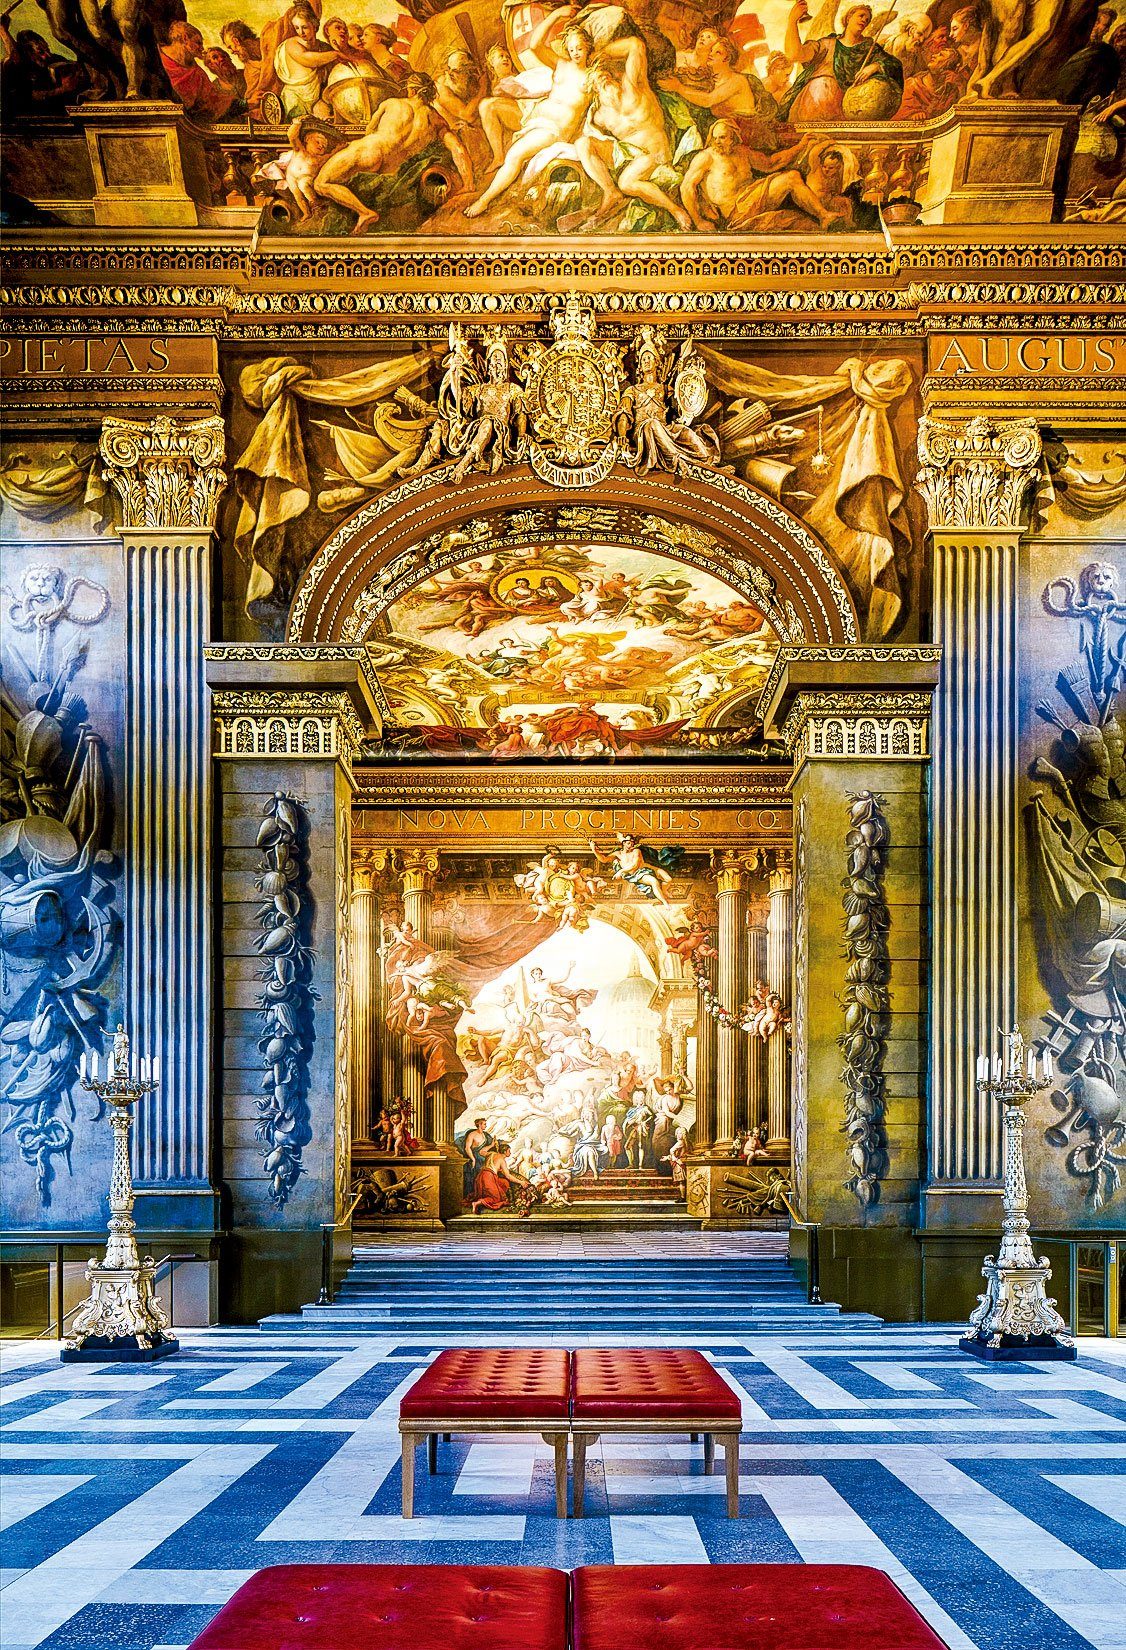 連接彩繪畫廳上廳和下廳的拱門。在拱門的天花板上有星座的寓言符號,是海軍航海時所依據的星座形狀。(圖片來源/Old Royal Naval College提供)